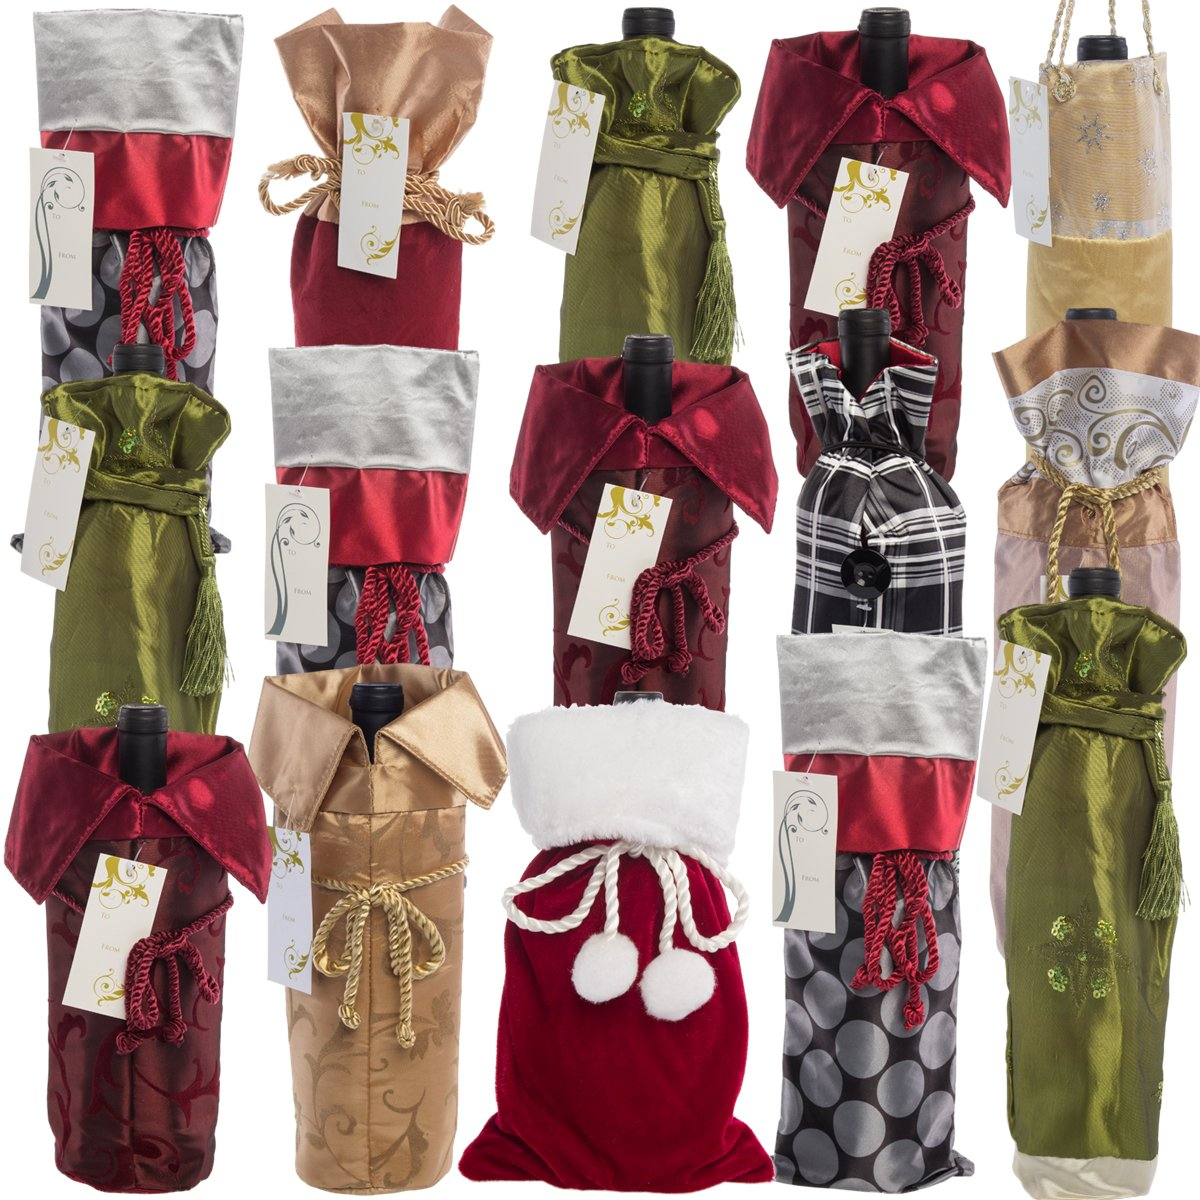 For Keeps 15 Pack Wine Bottle Holder Gift Bags For Reds Whites Bulk Set Lot Large Reusable